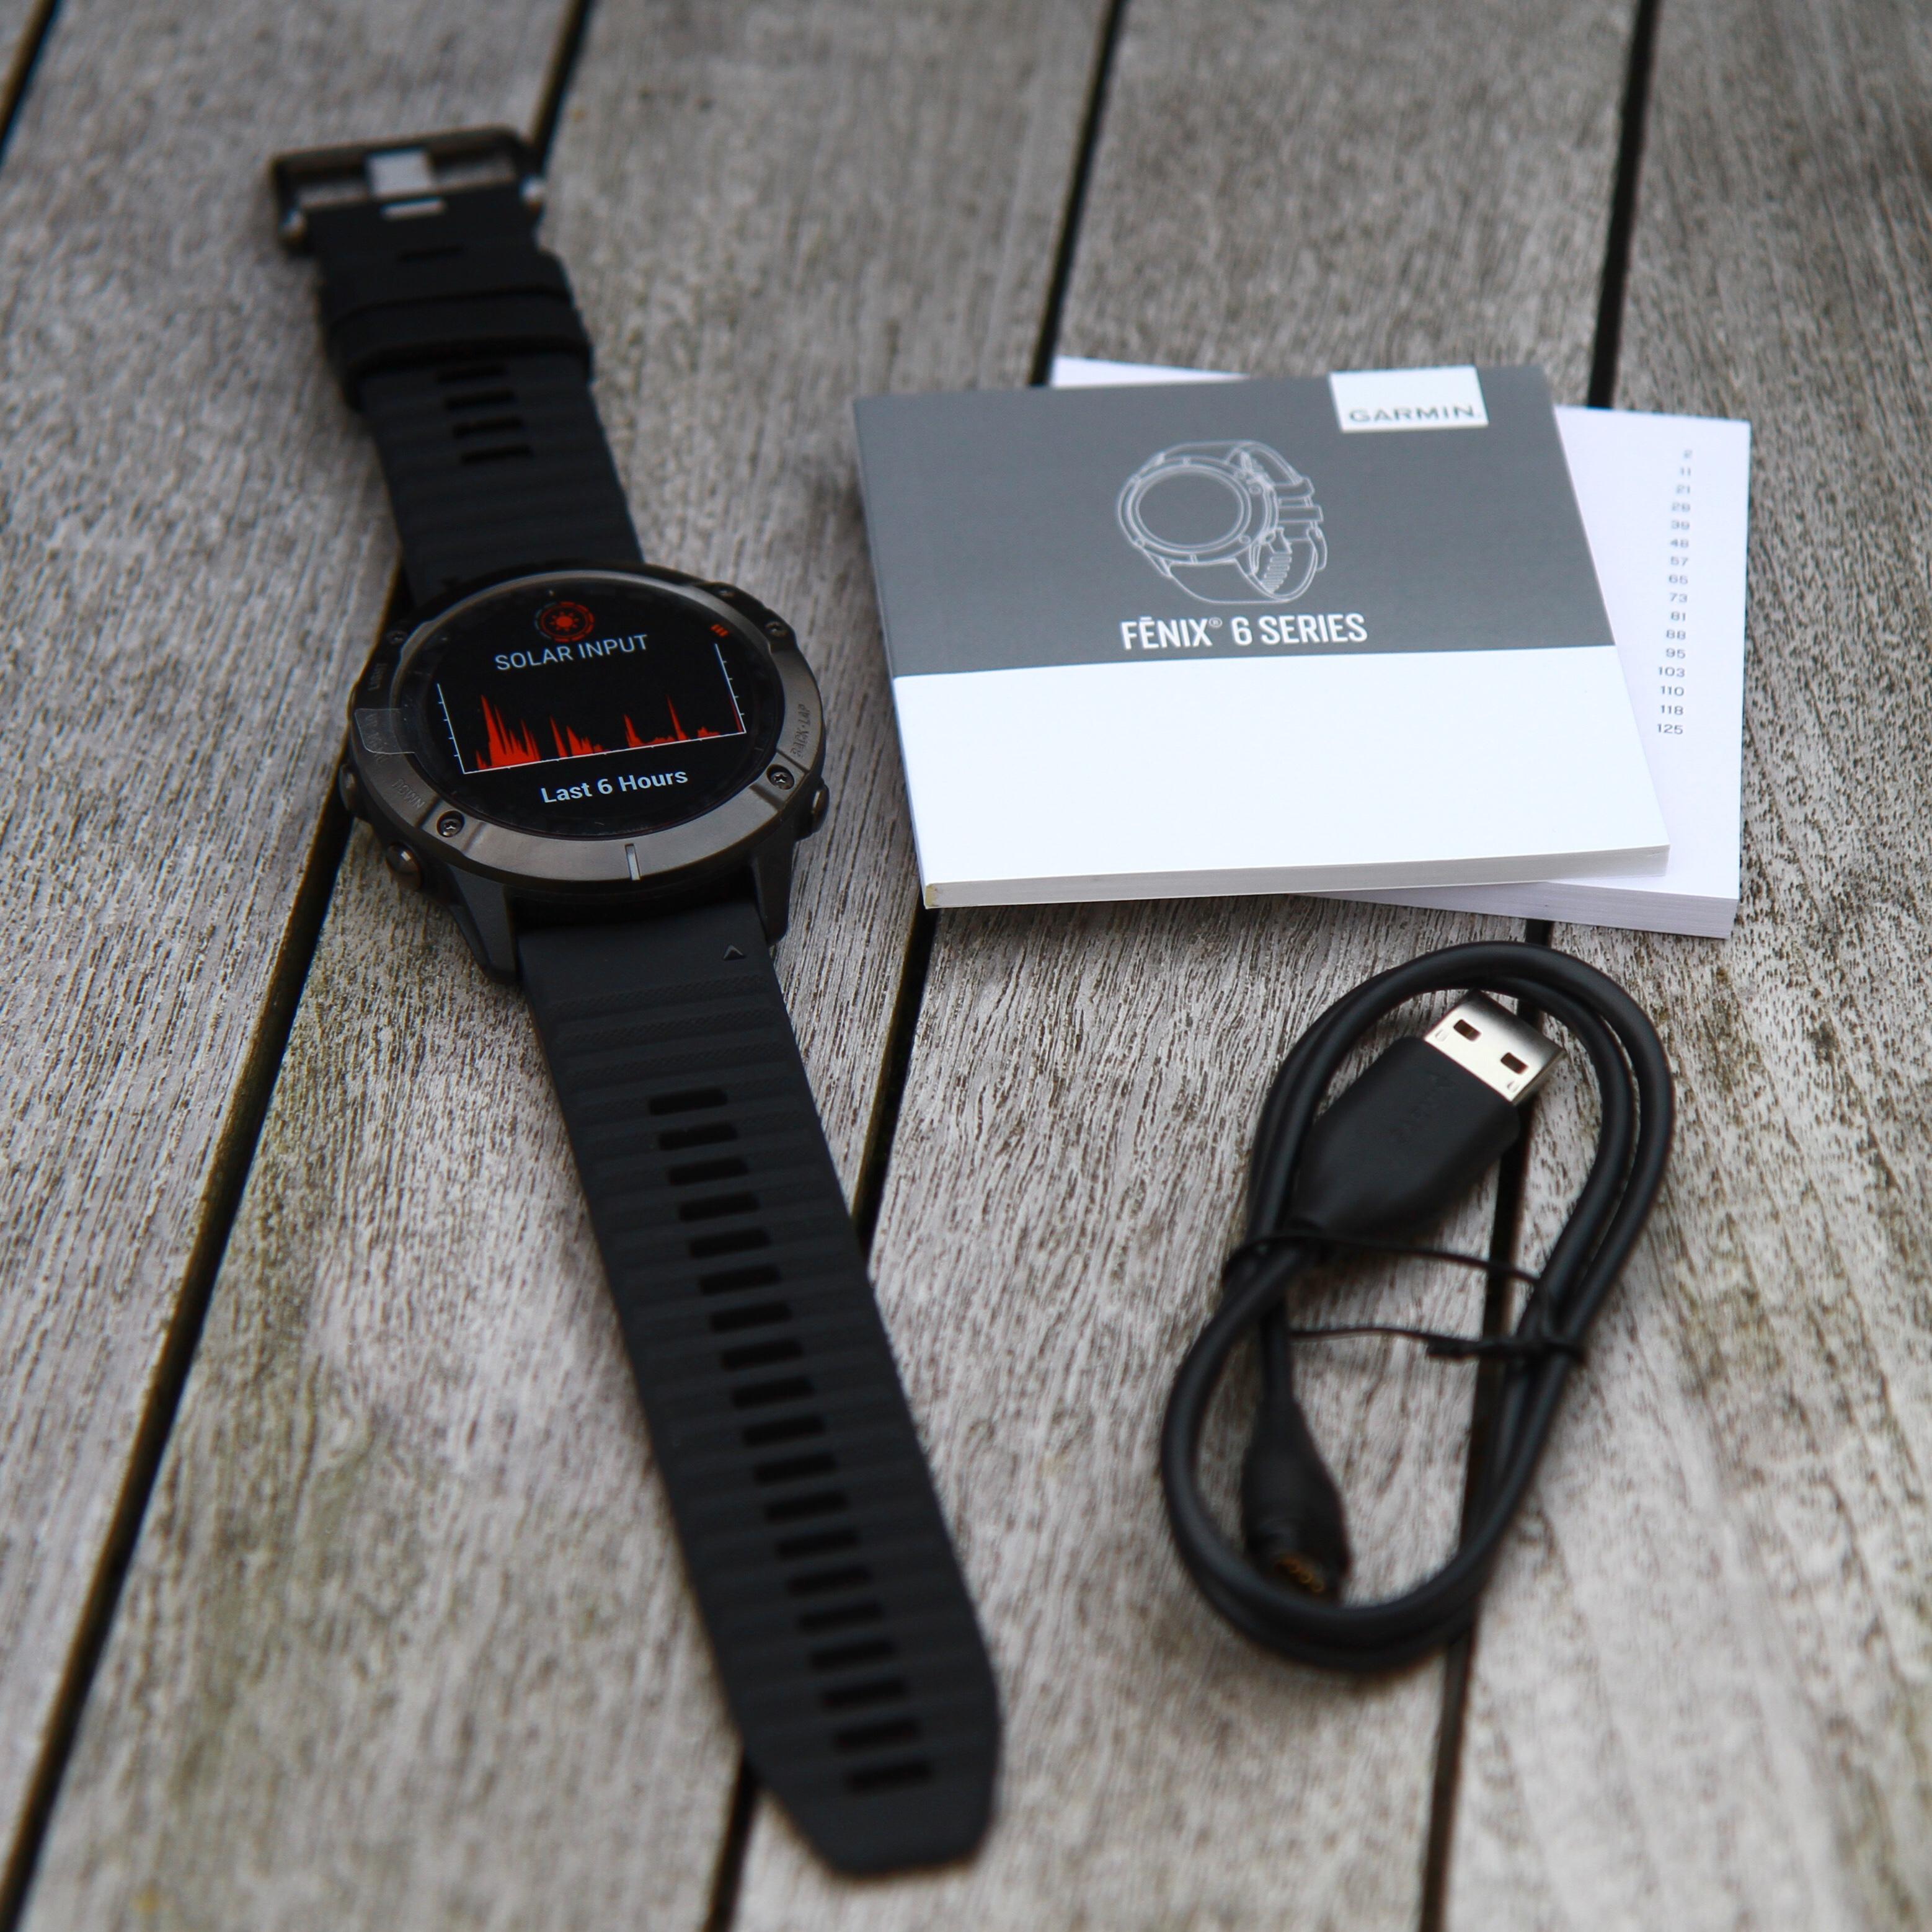 Kassen til Fënix 6X Pro Solar indeholder det sædvanlige. Uret, ladekabel, hurtig start manual og en folder med produkt og sikkerhedsinformation.